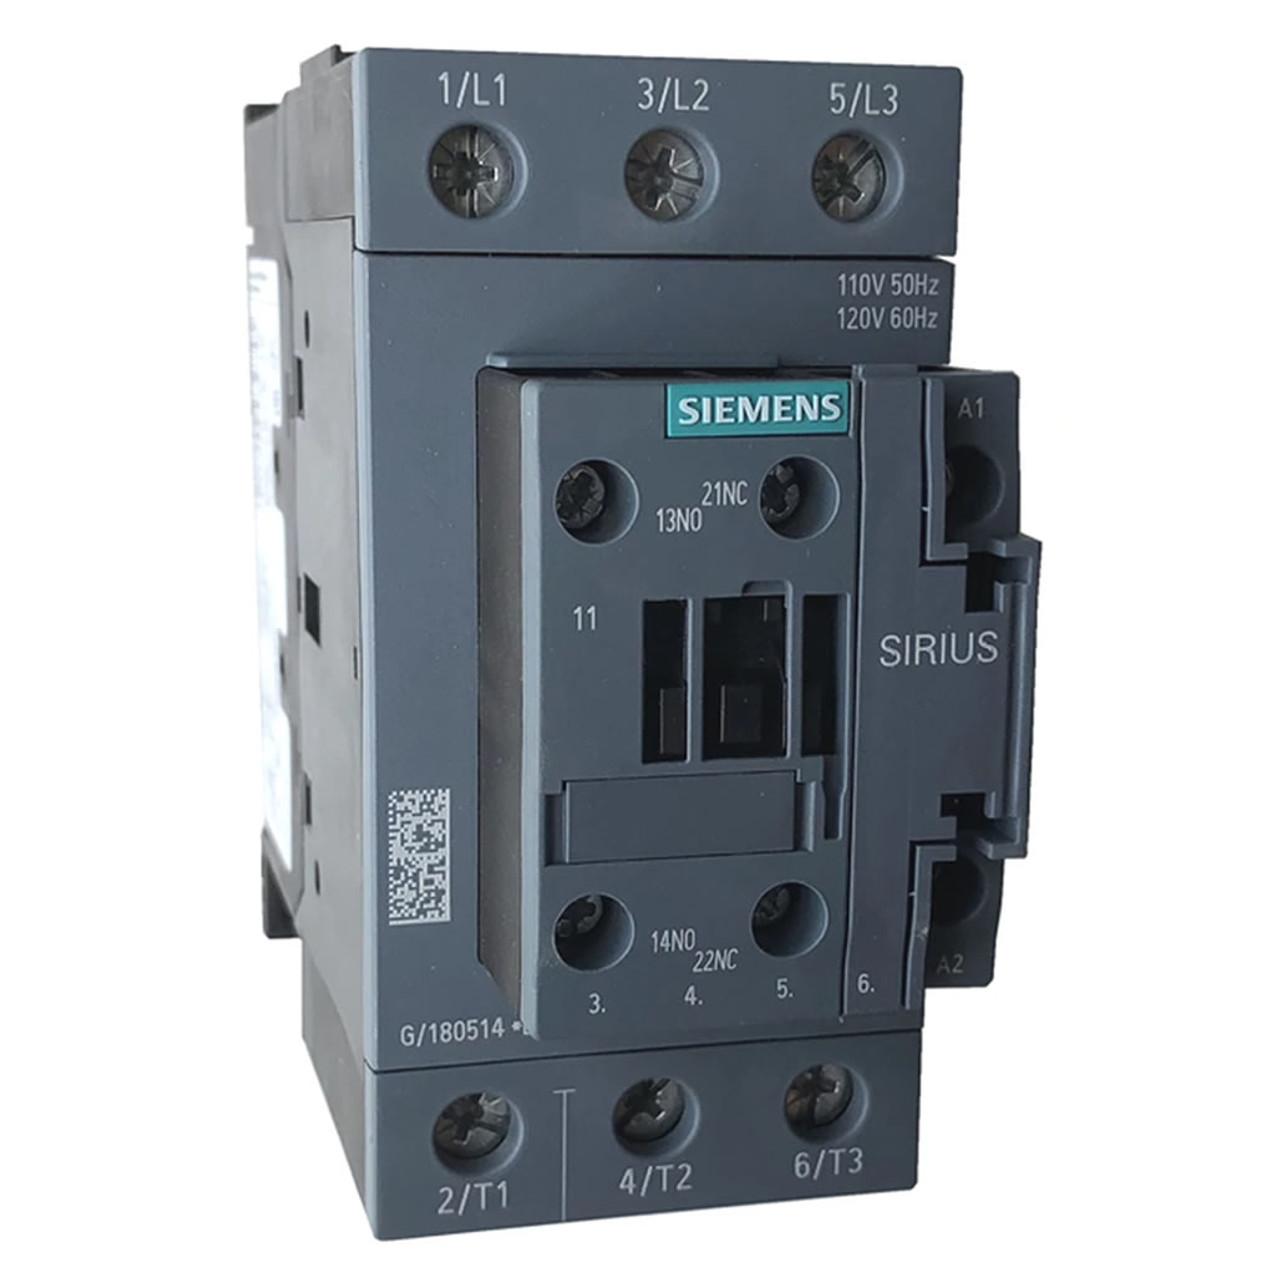 Siemens 3RT2038-1AK60 contactor